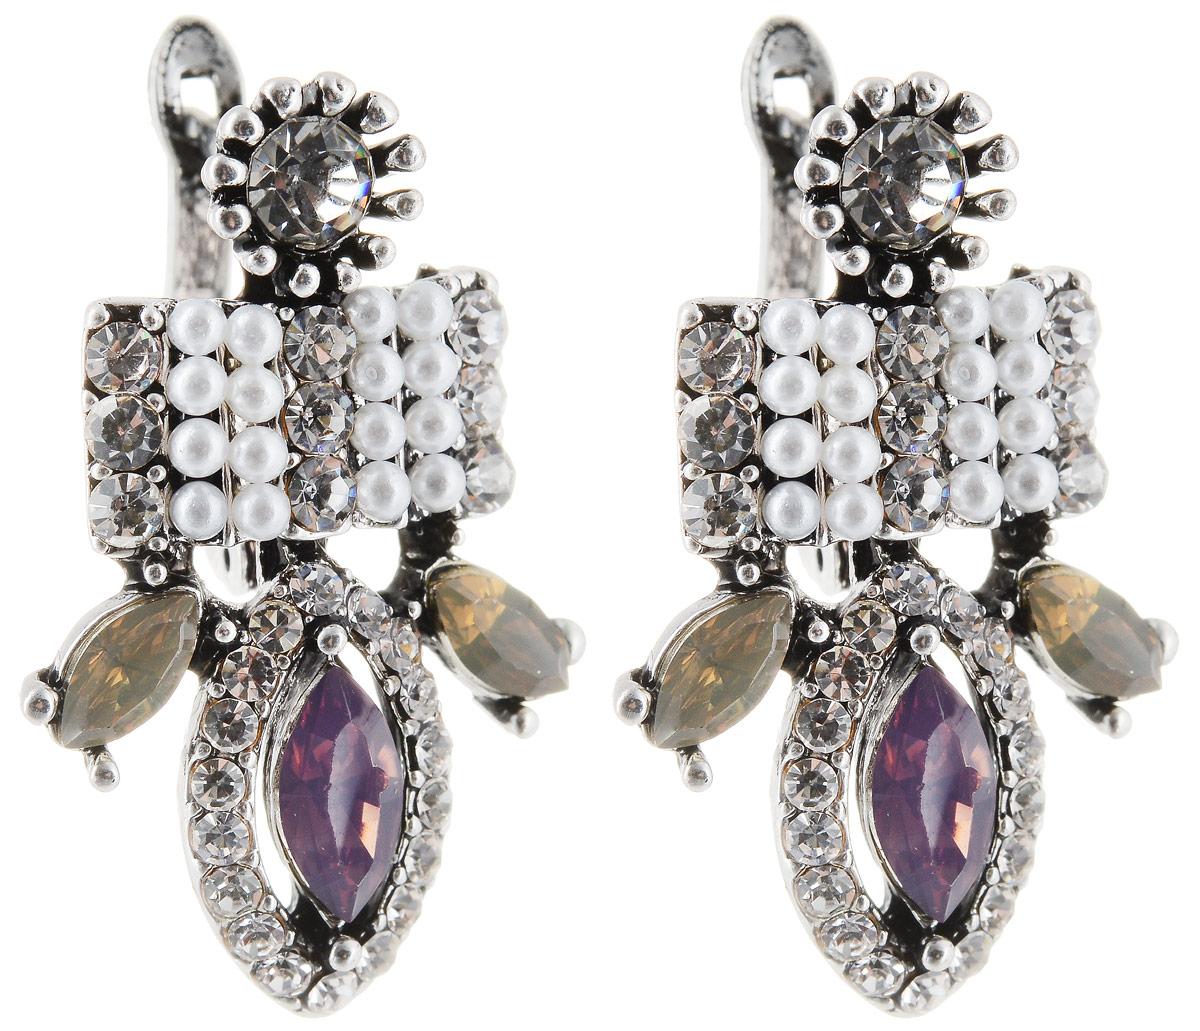 Серьги Taya, цвет: серебристый, пурпурный. T-B-12954Серьги с подвескамиСерьги с английским замком. Некрупные, с мелкими деталями оформлены вставками из пастельных кристаллов. Много страз: есть блестящие, есть матовые белые. Металл в глубине слегка тонированный.